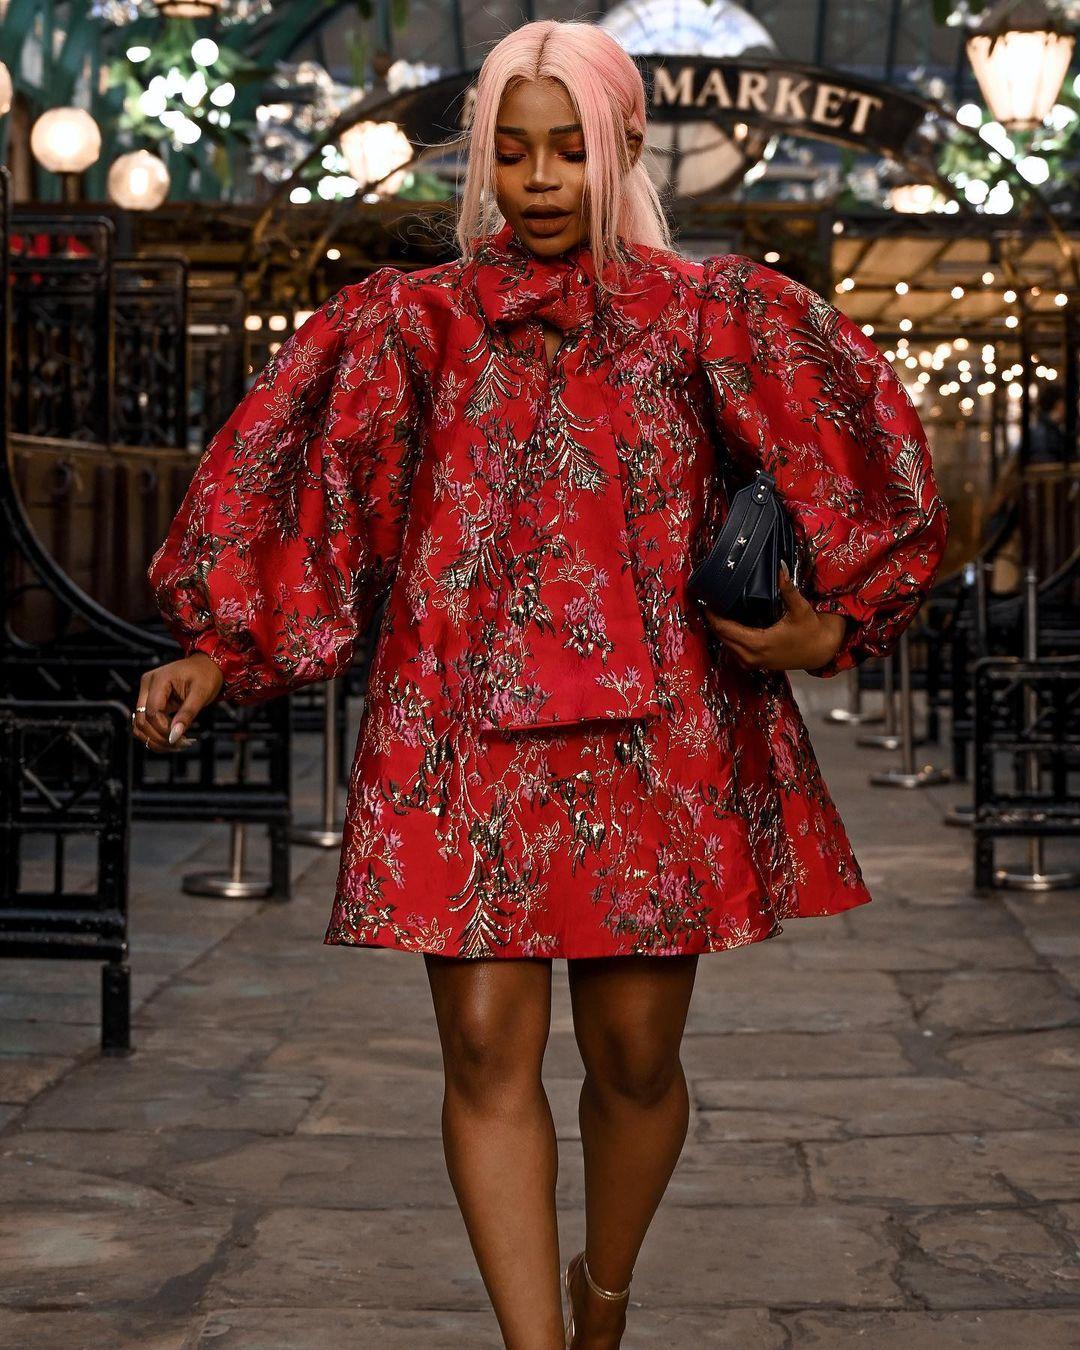 juliette Fox Slays In Boogie Dress